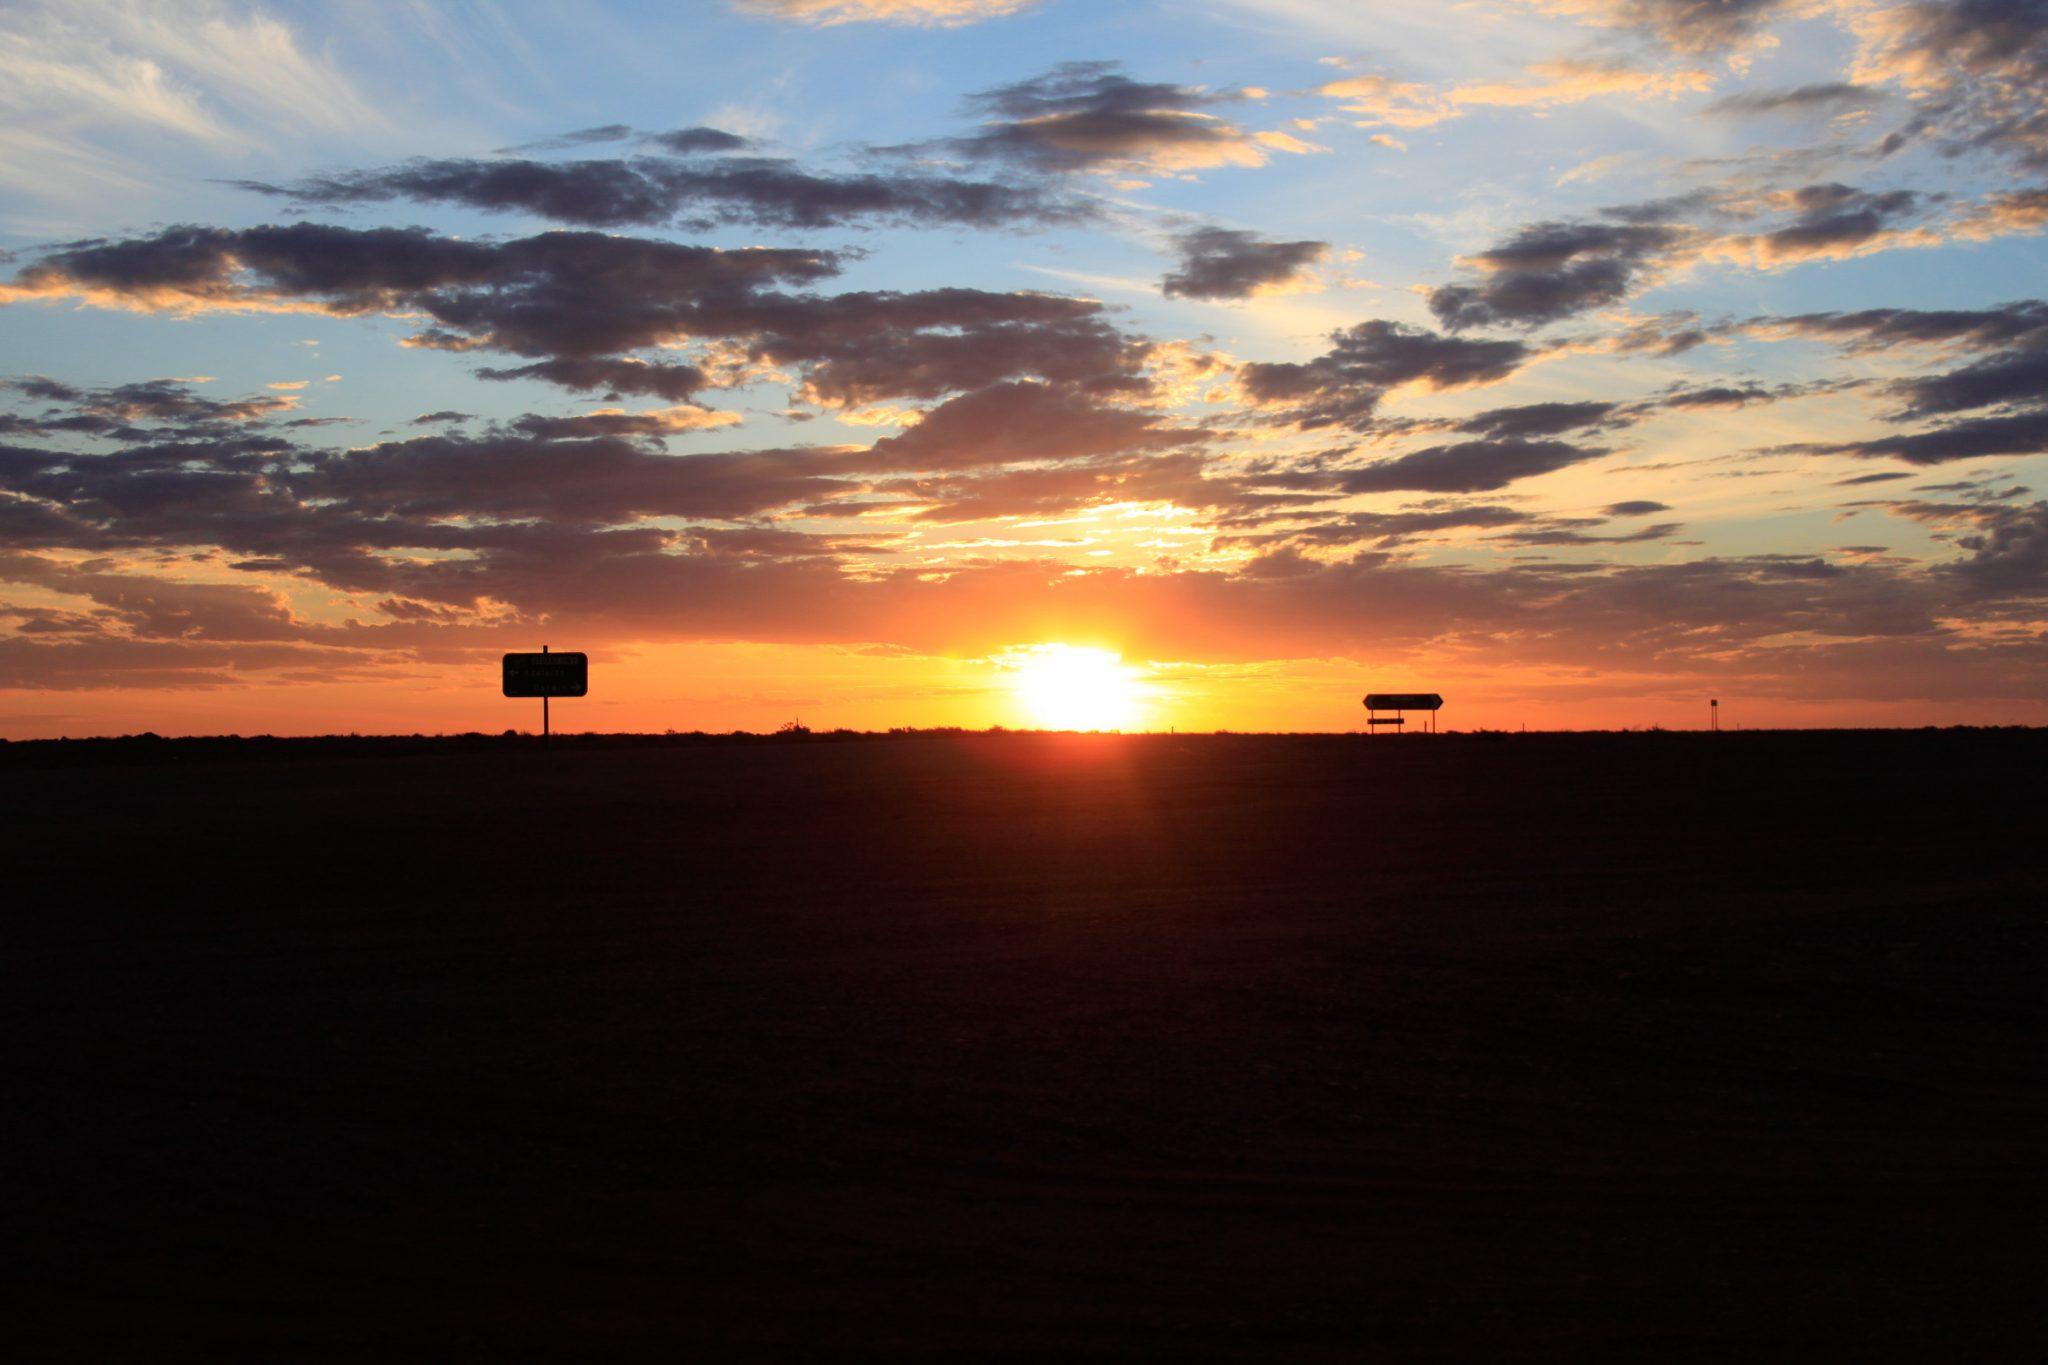 Semester abroad #10: Als Backpacker nach Australien - MG 1178